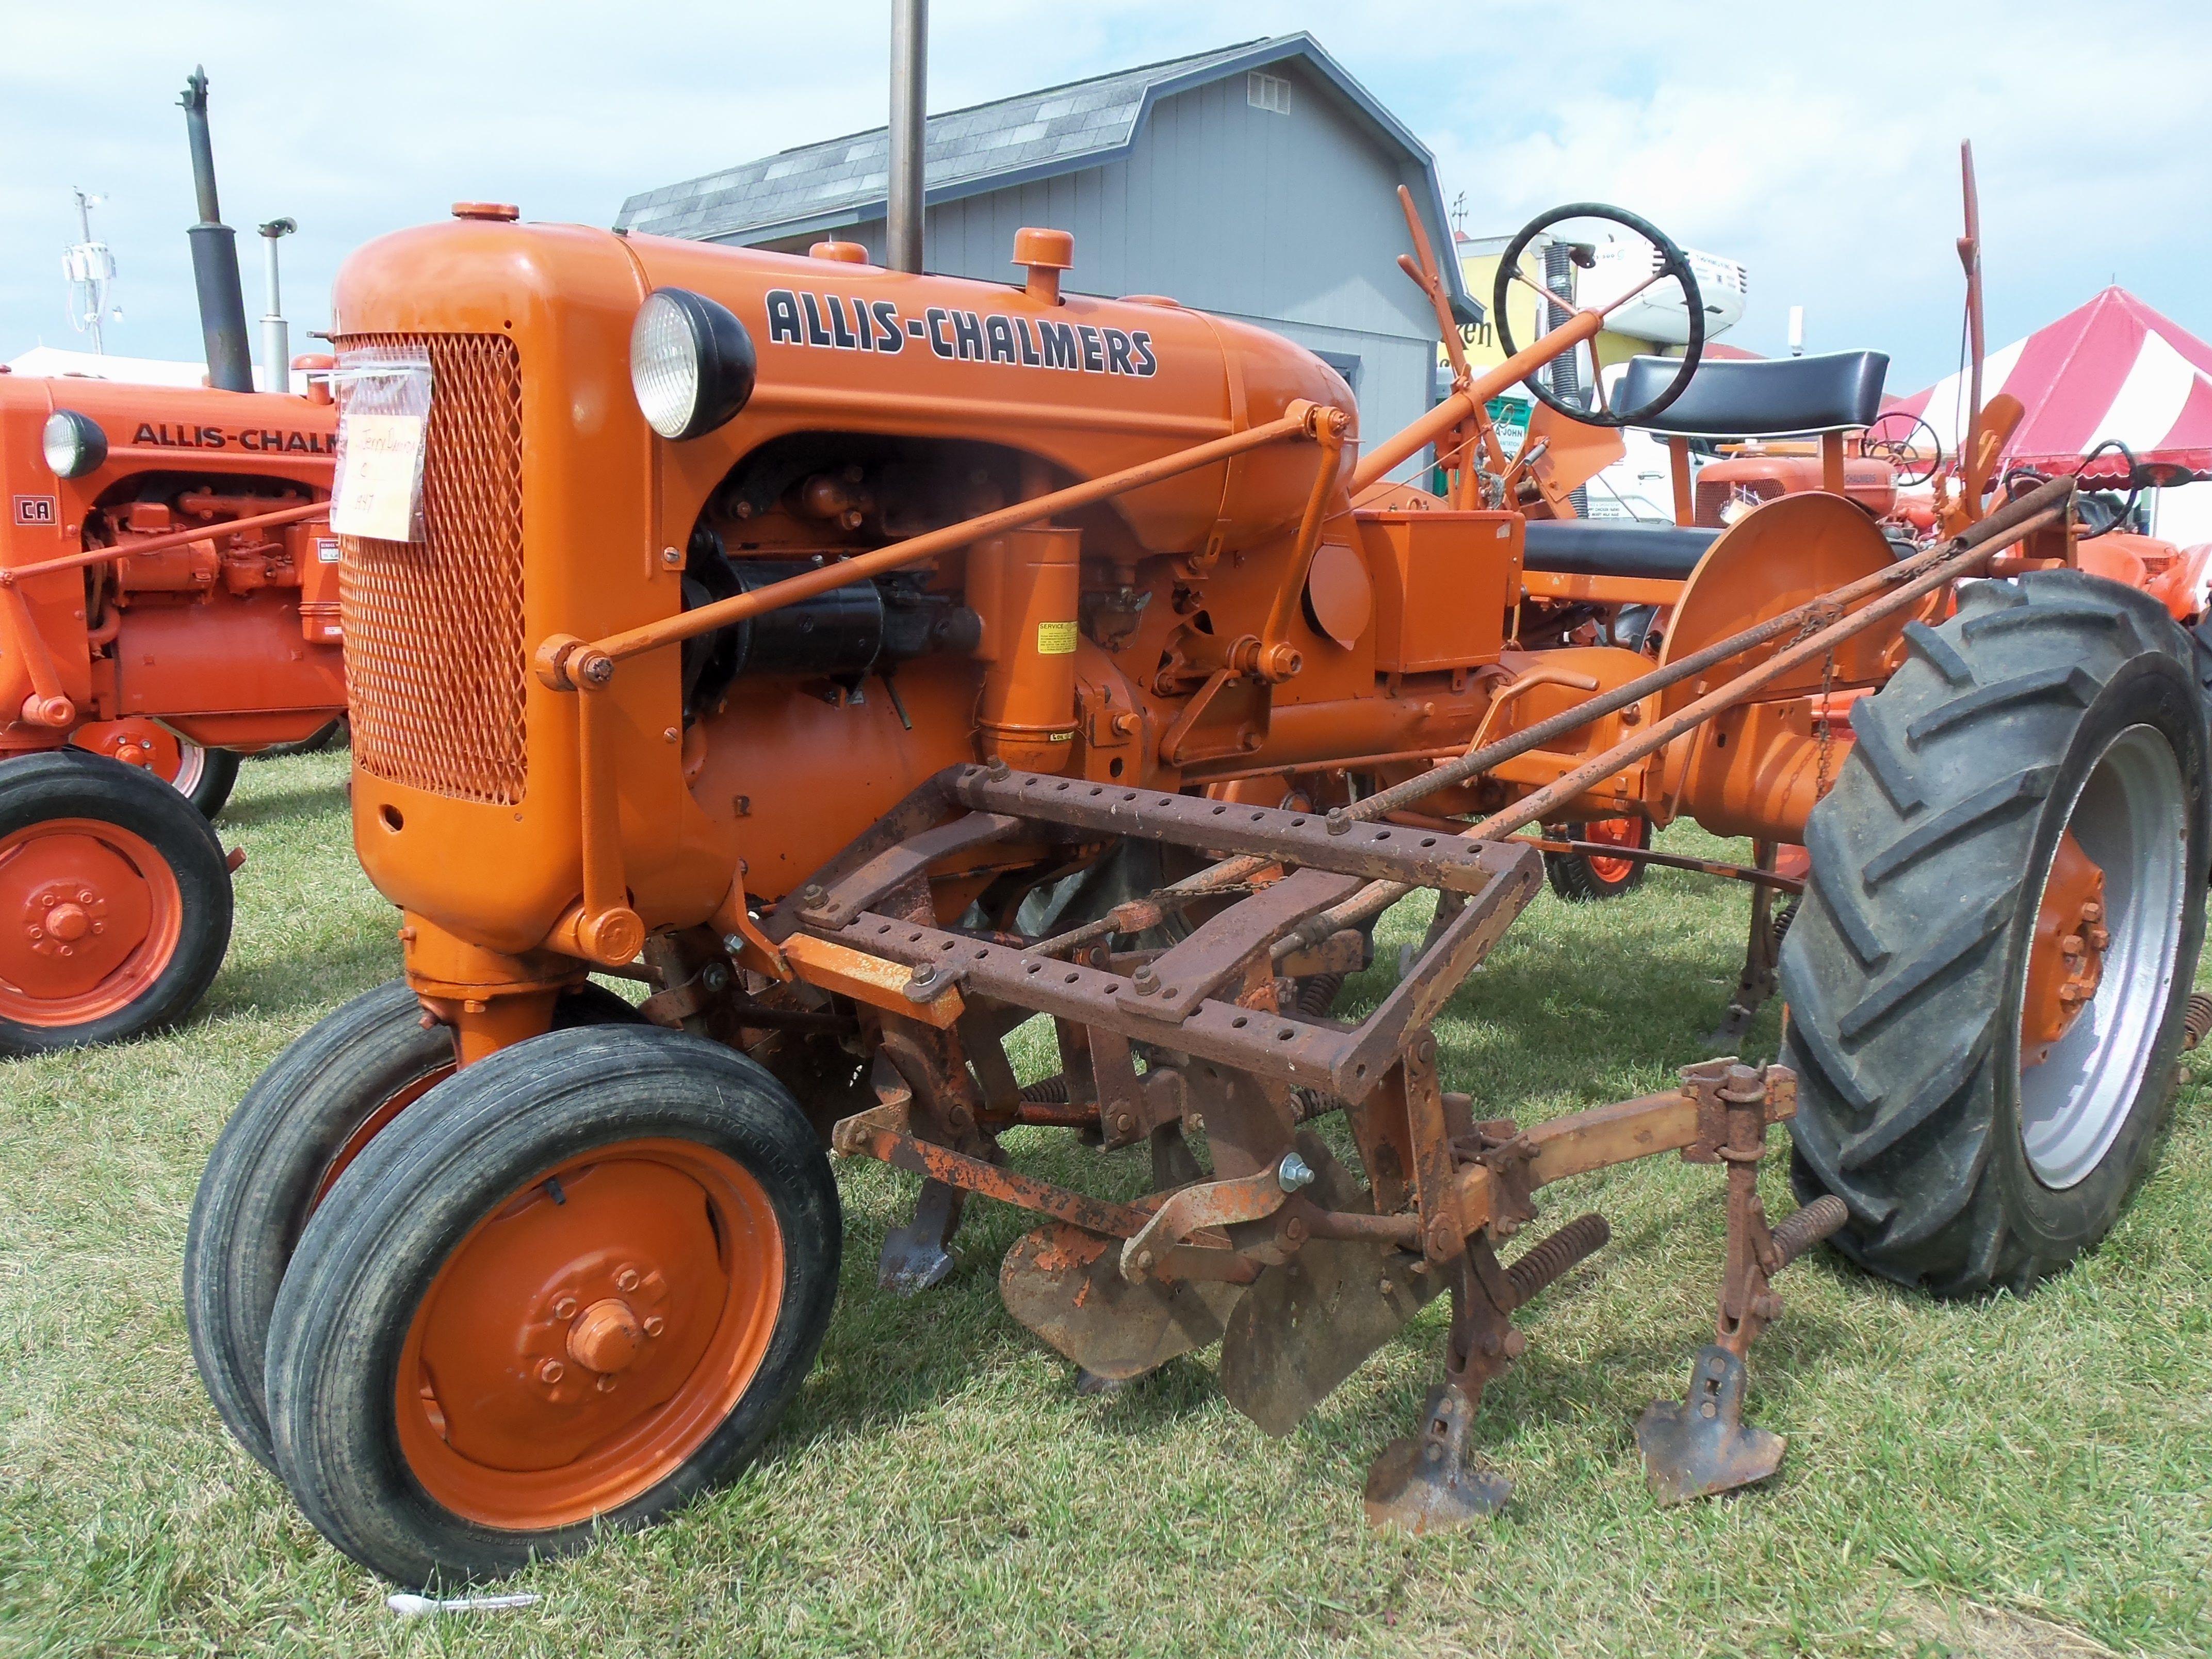 v conversion allis chalmers c allis chalmers b c 1947 allis chalmers c cultivators